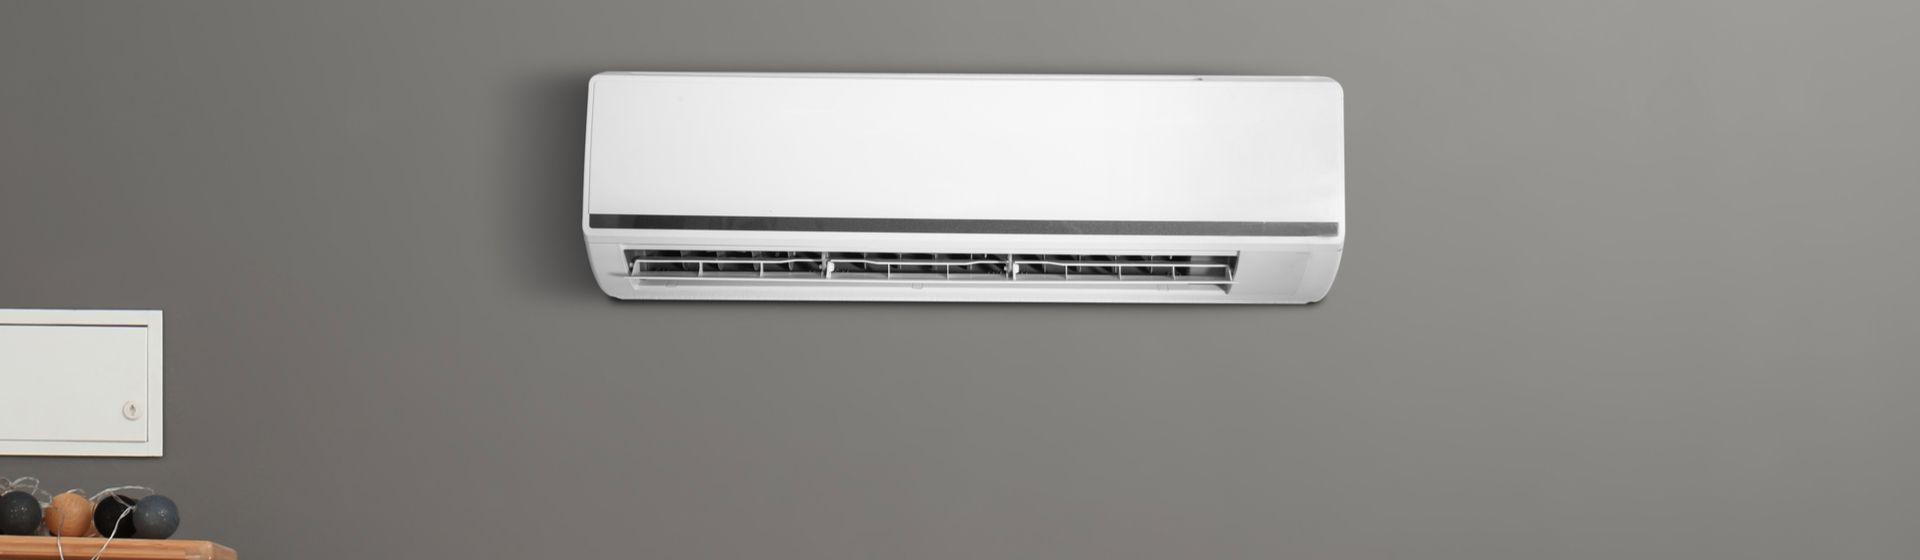 Melhor ar-condicionado 18.000 BTUs em 2020: confira 6 opções!